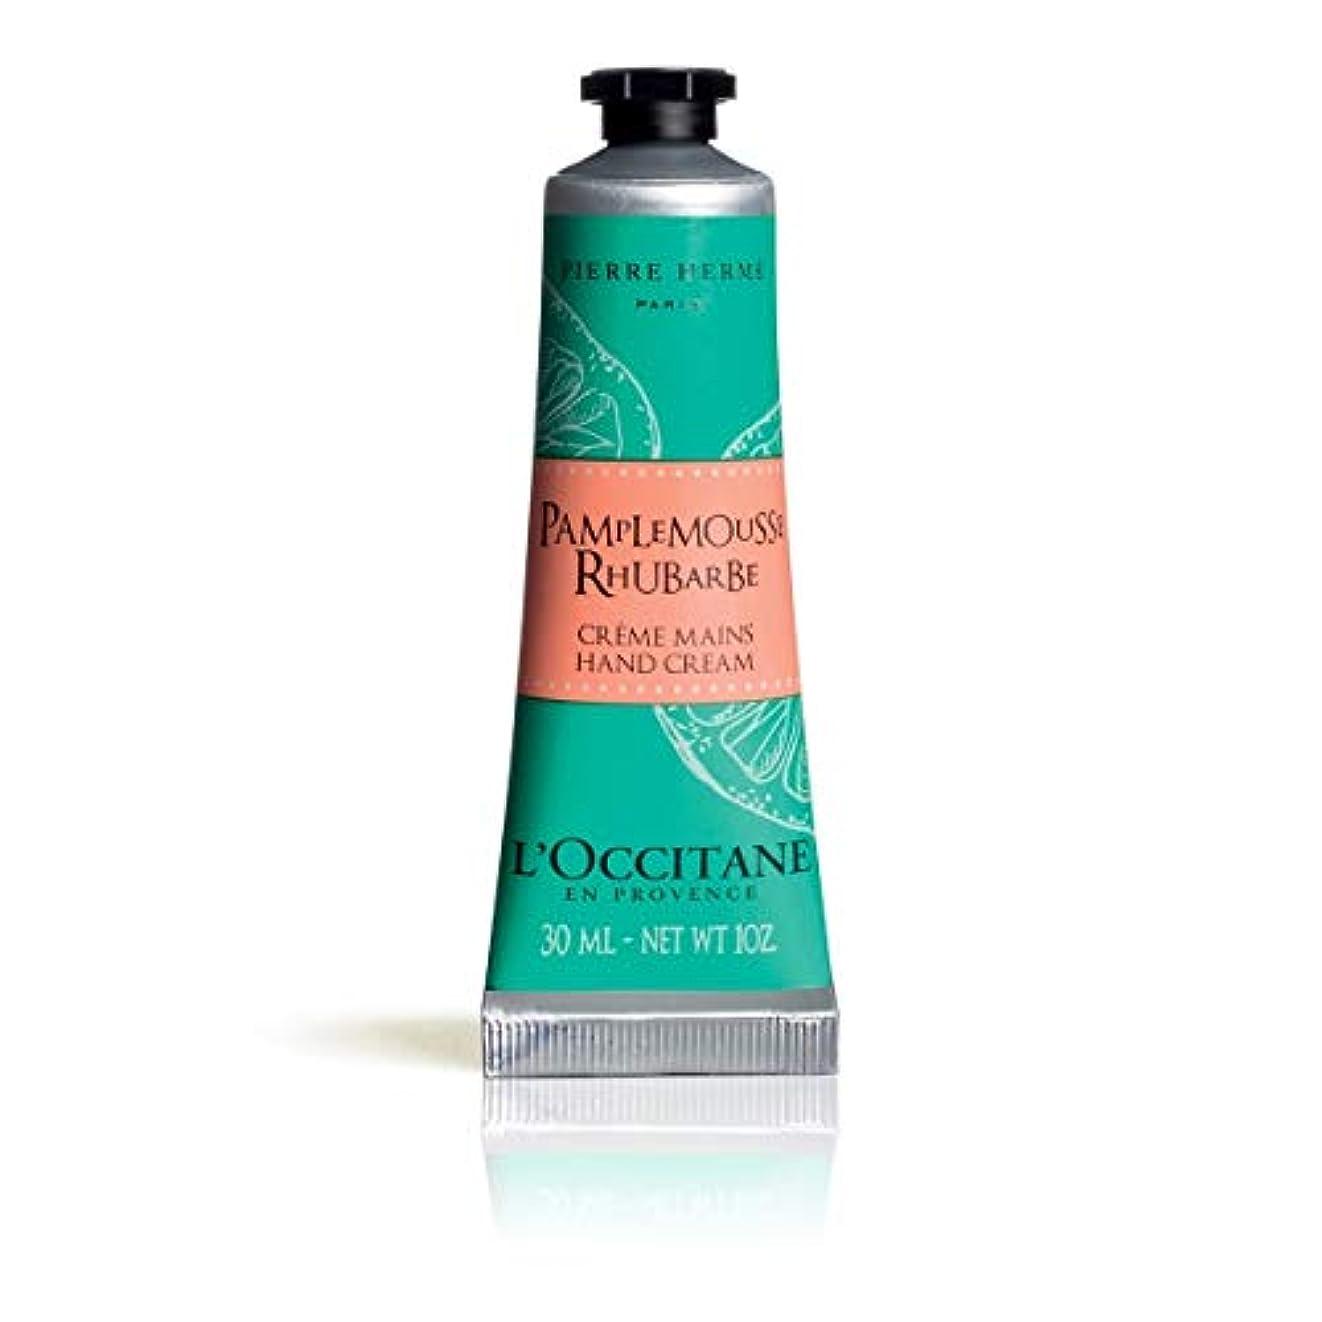 失望させるヘア改善するロクシタン(L'OCCITANE) パンプルムースルバーブ ハンドクリーム 30mL